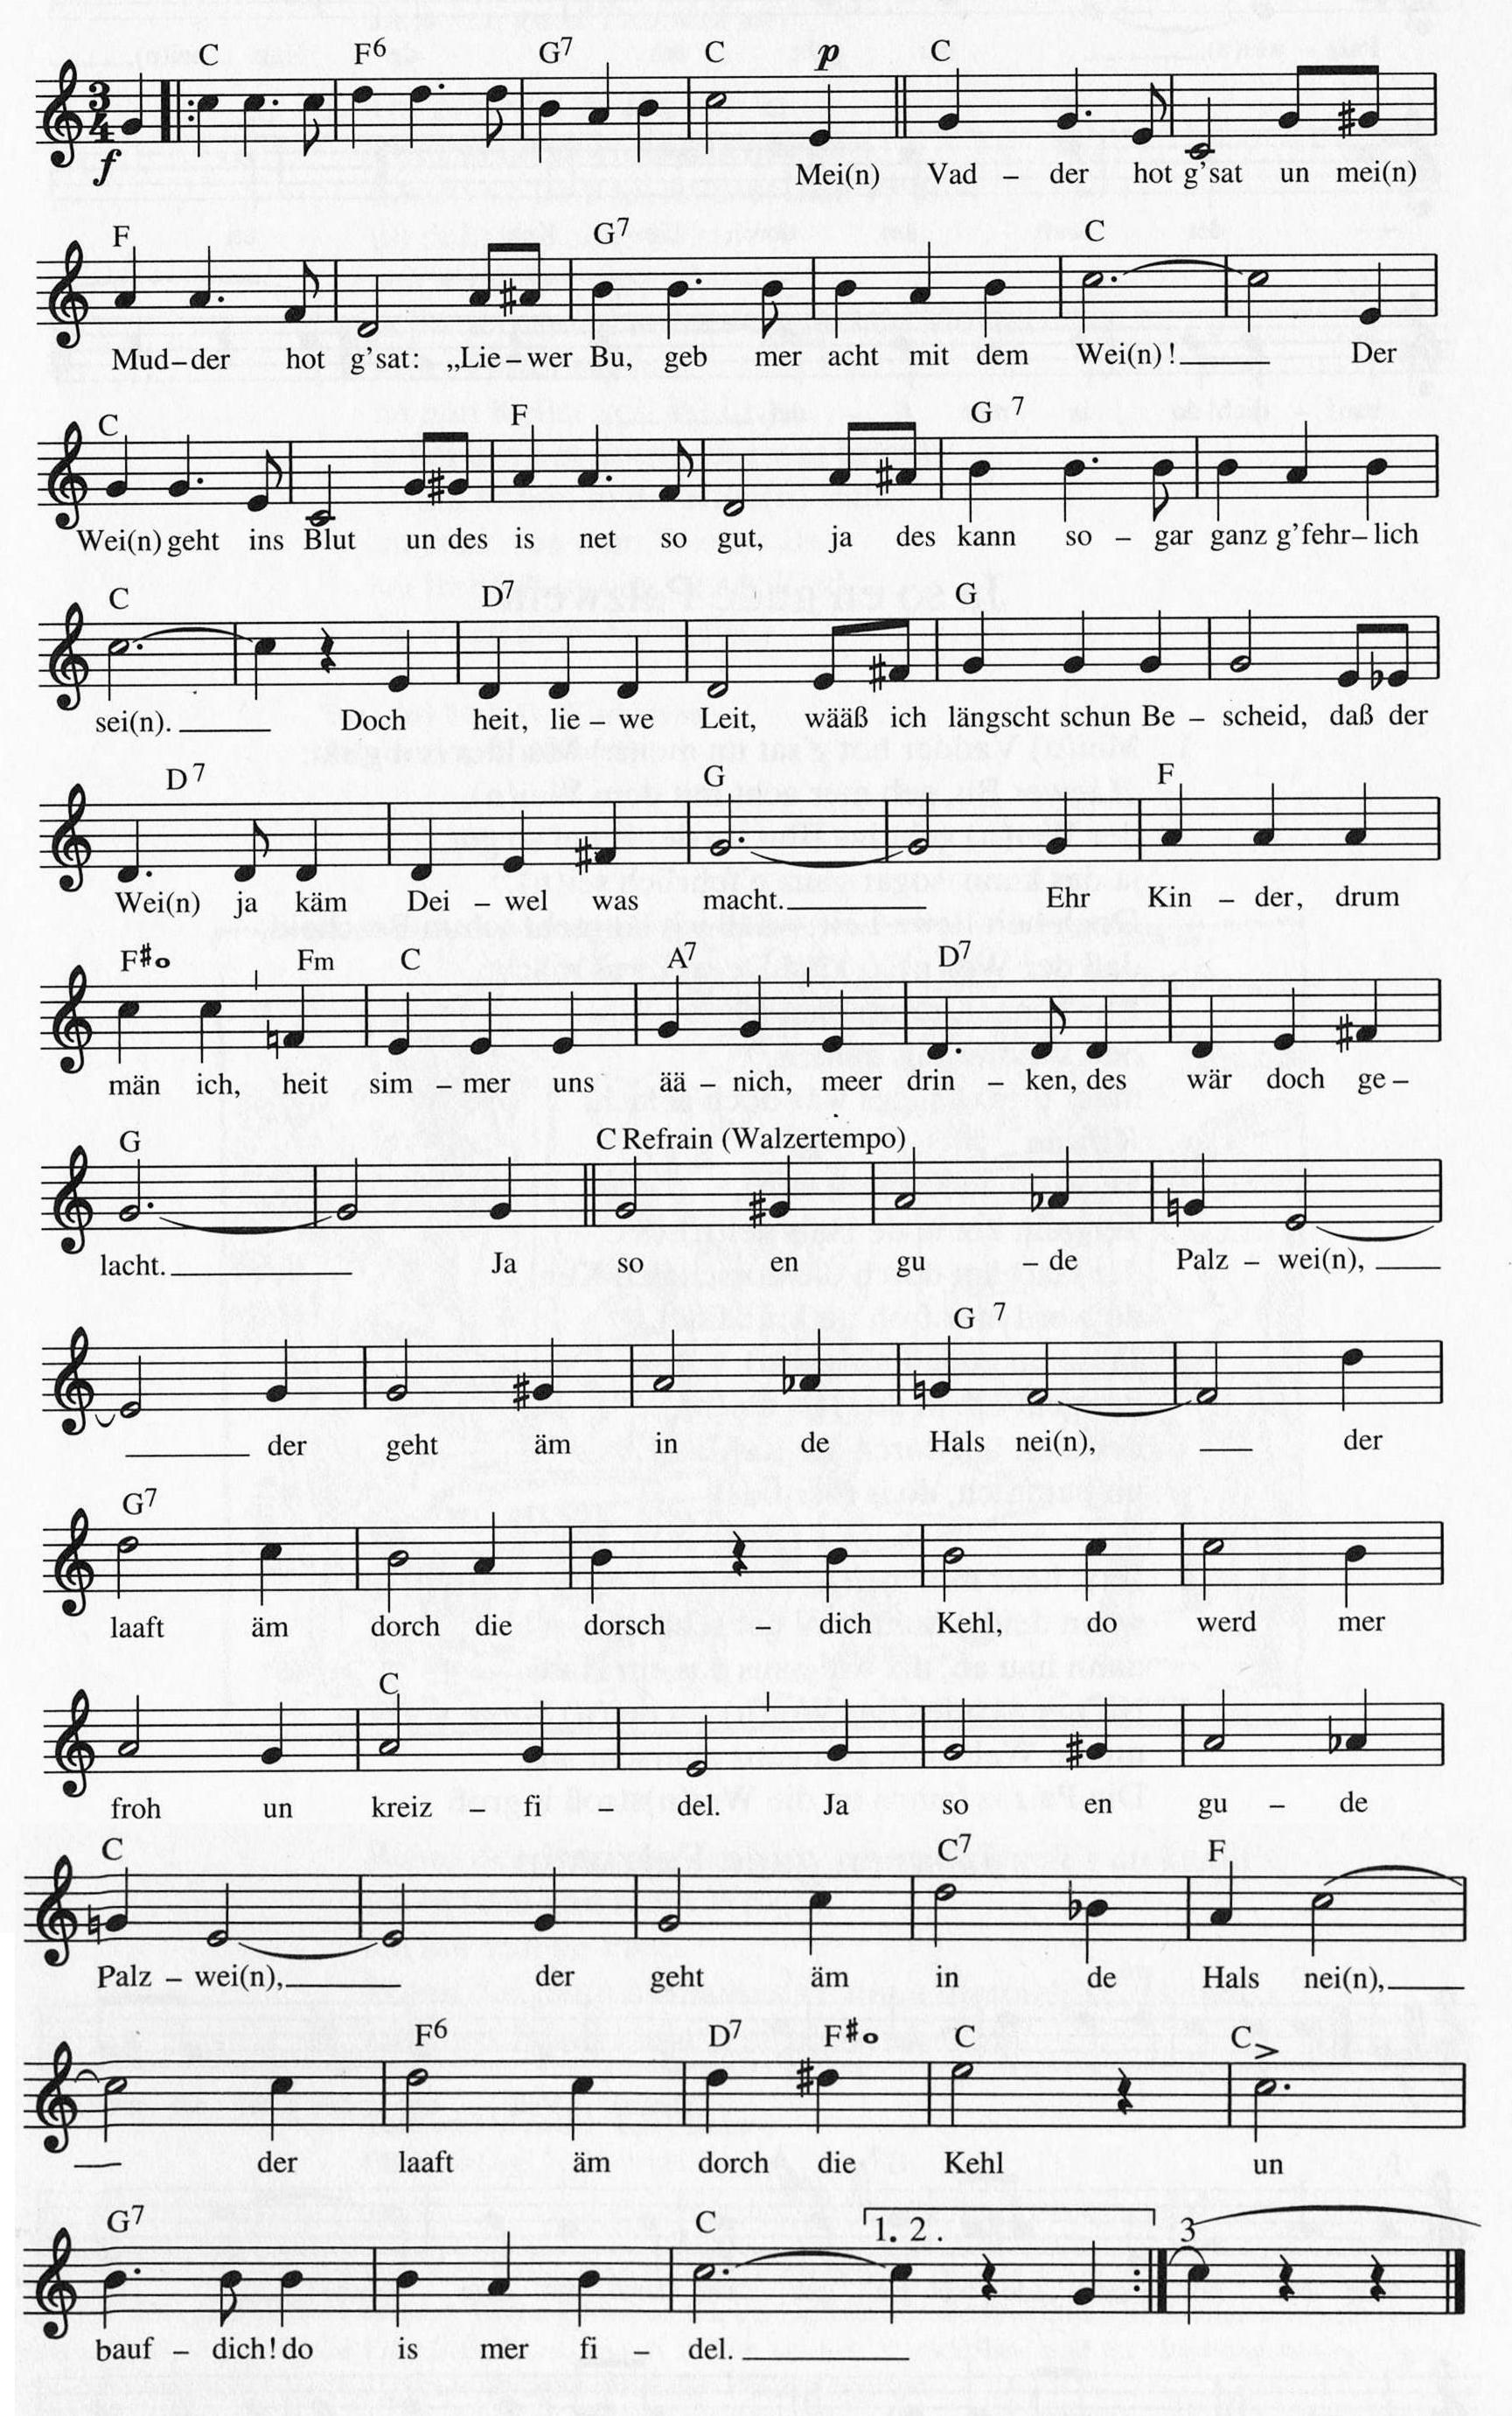 Liedtexte Pfalz